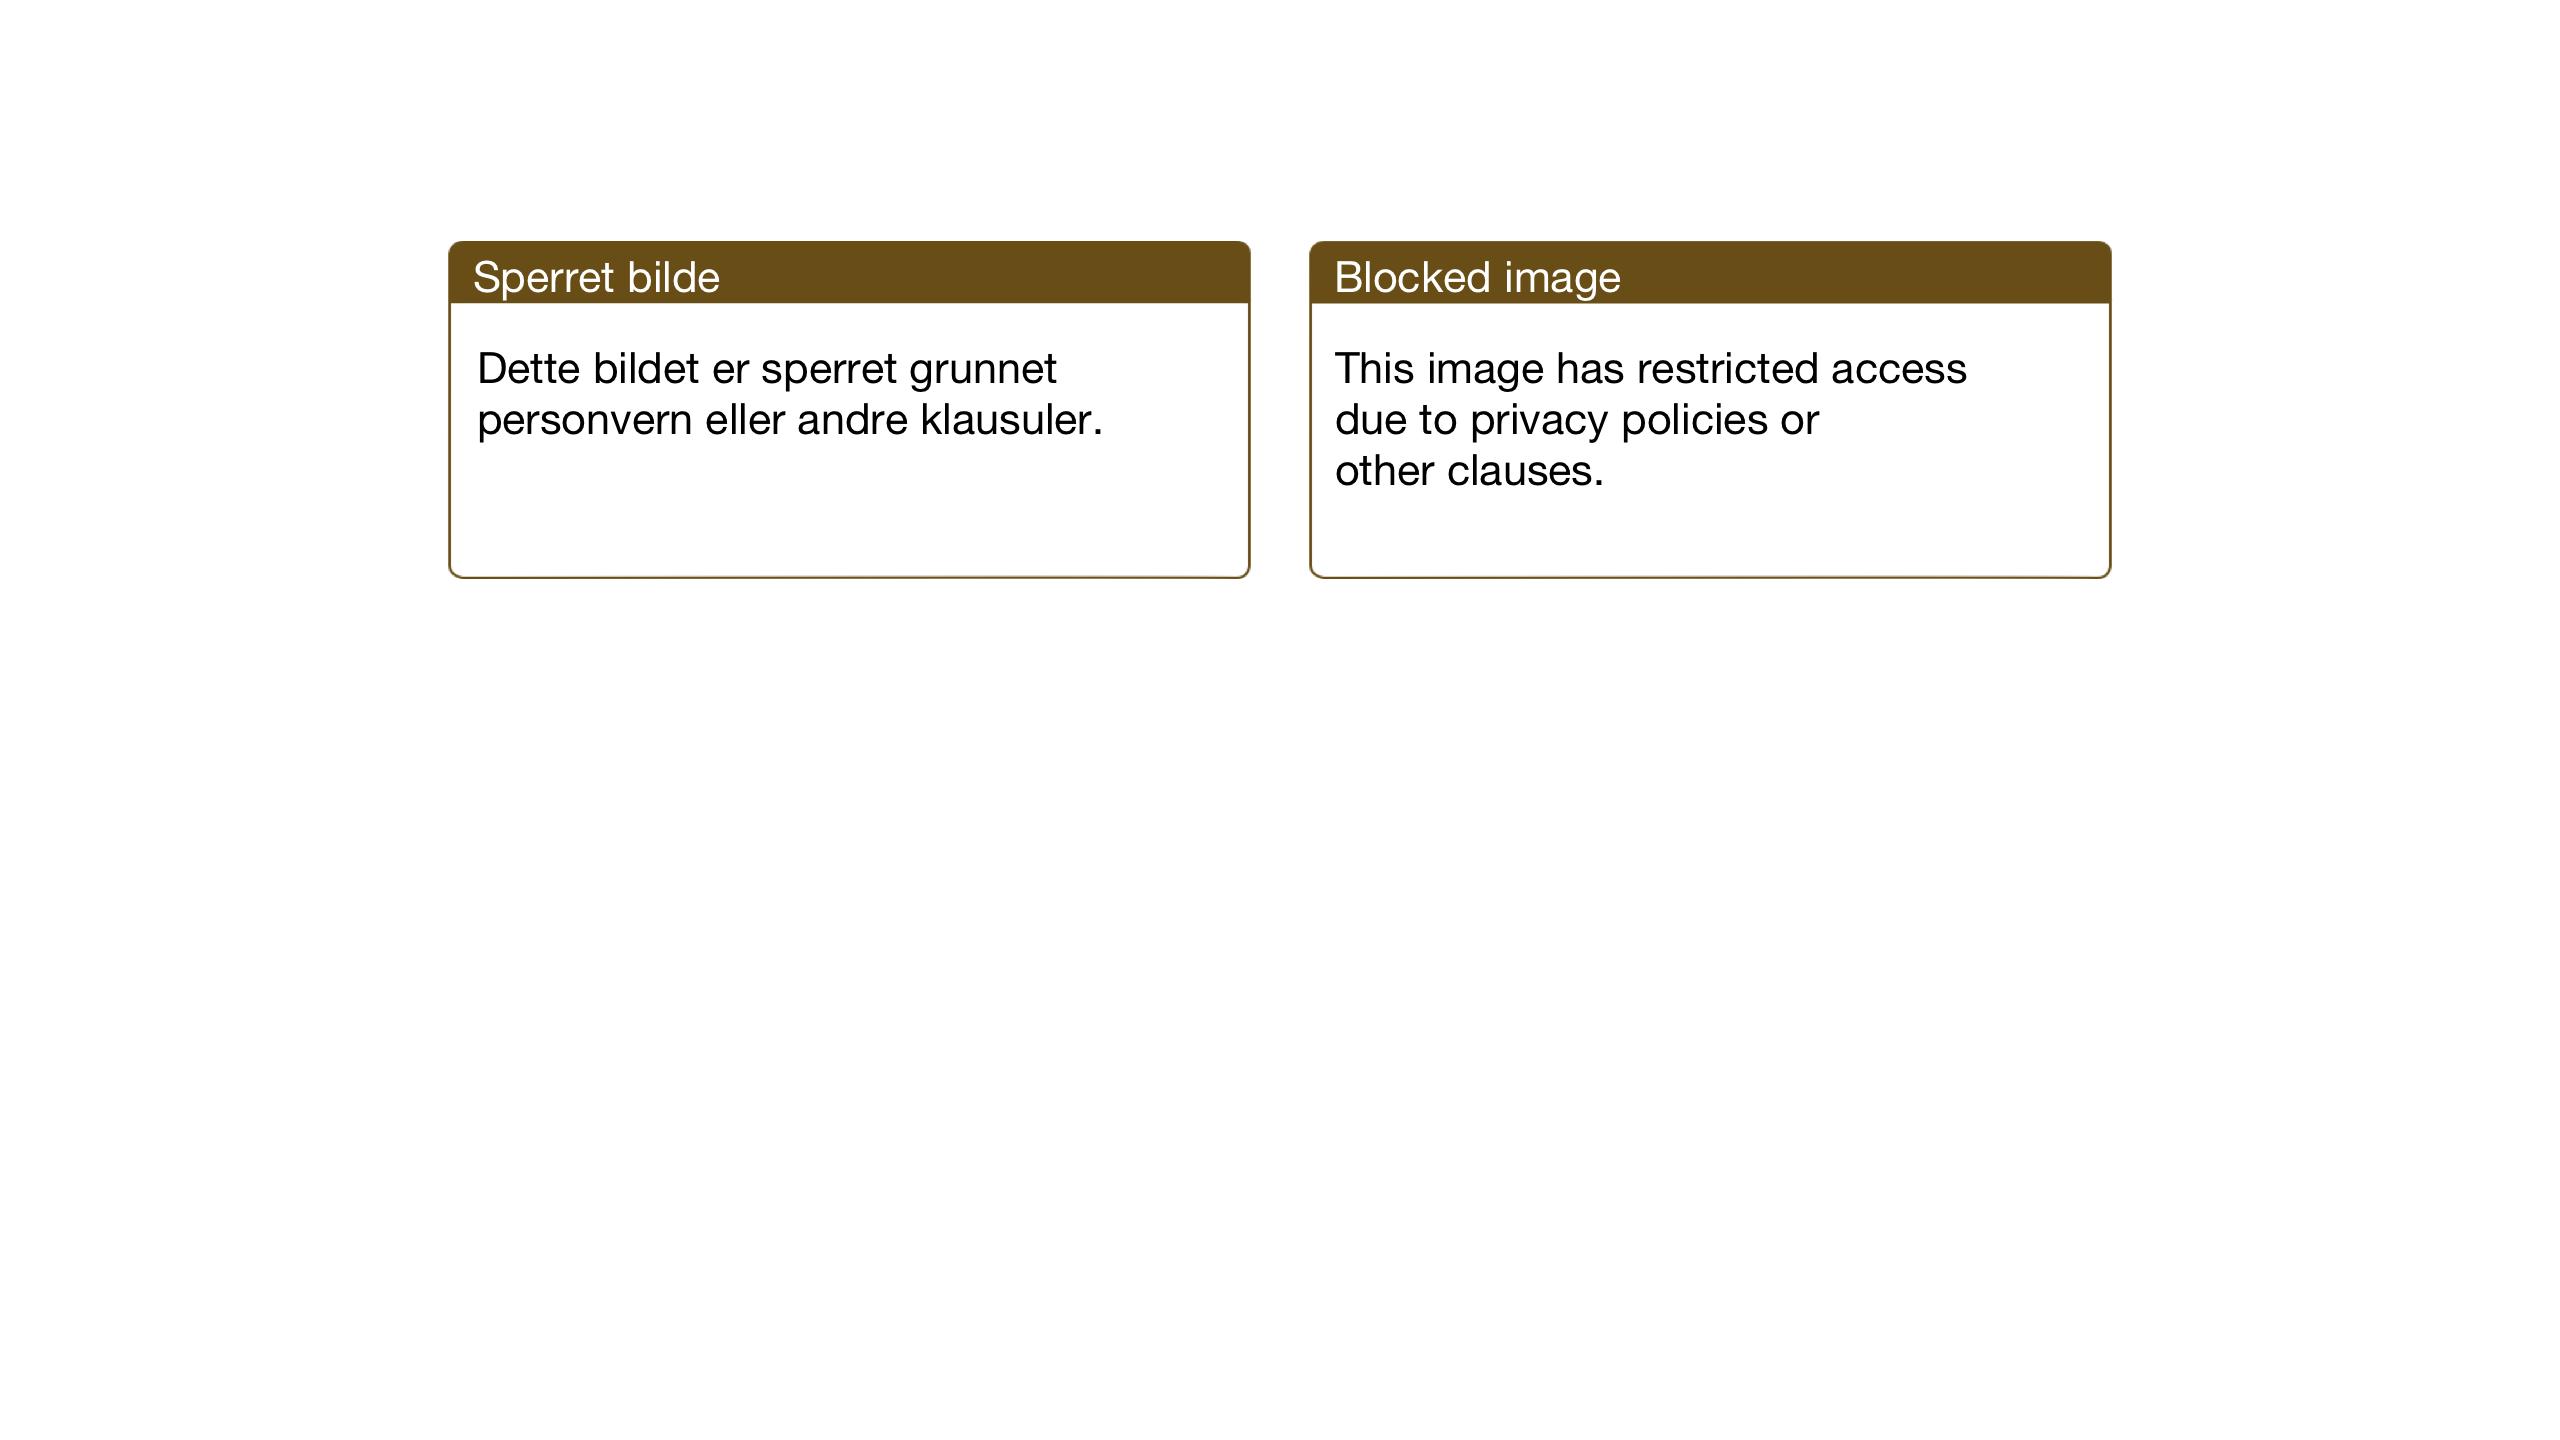 SAT, Ministerialprotokoller, klokkerbøker og fødselsregistre - Sør-Trøndelag, 605/L0259: Klokkerbok nr. 605C06, 1920-1937, s. 212